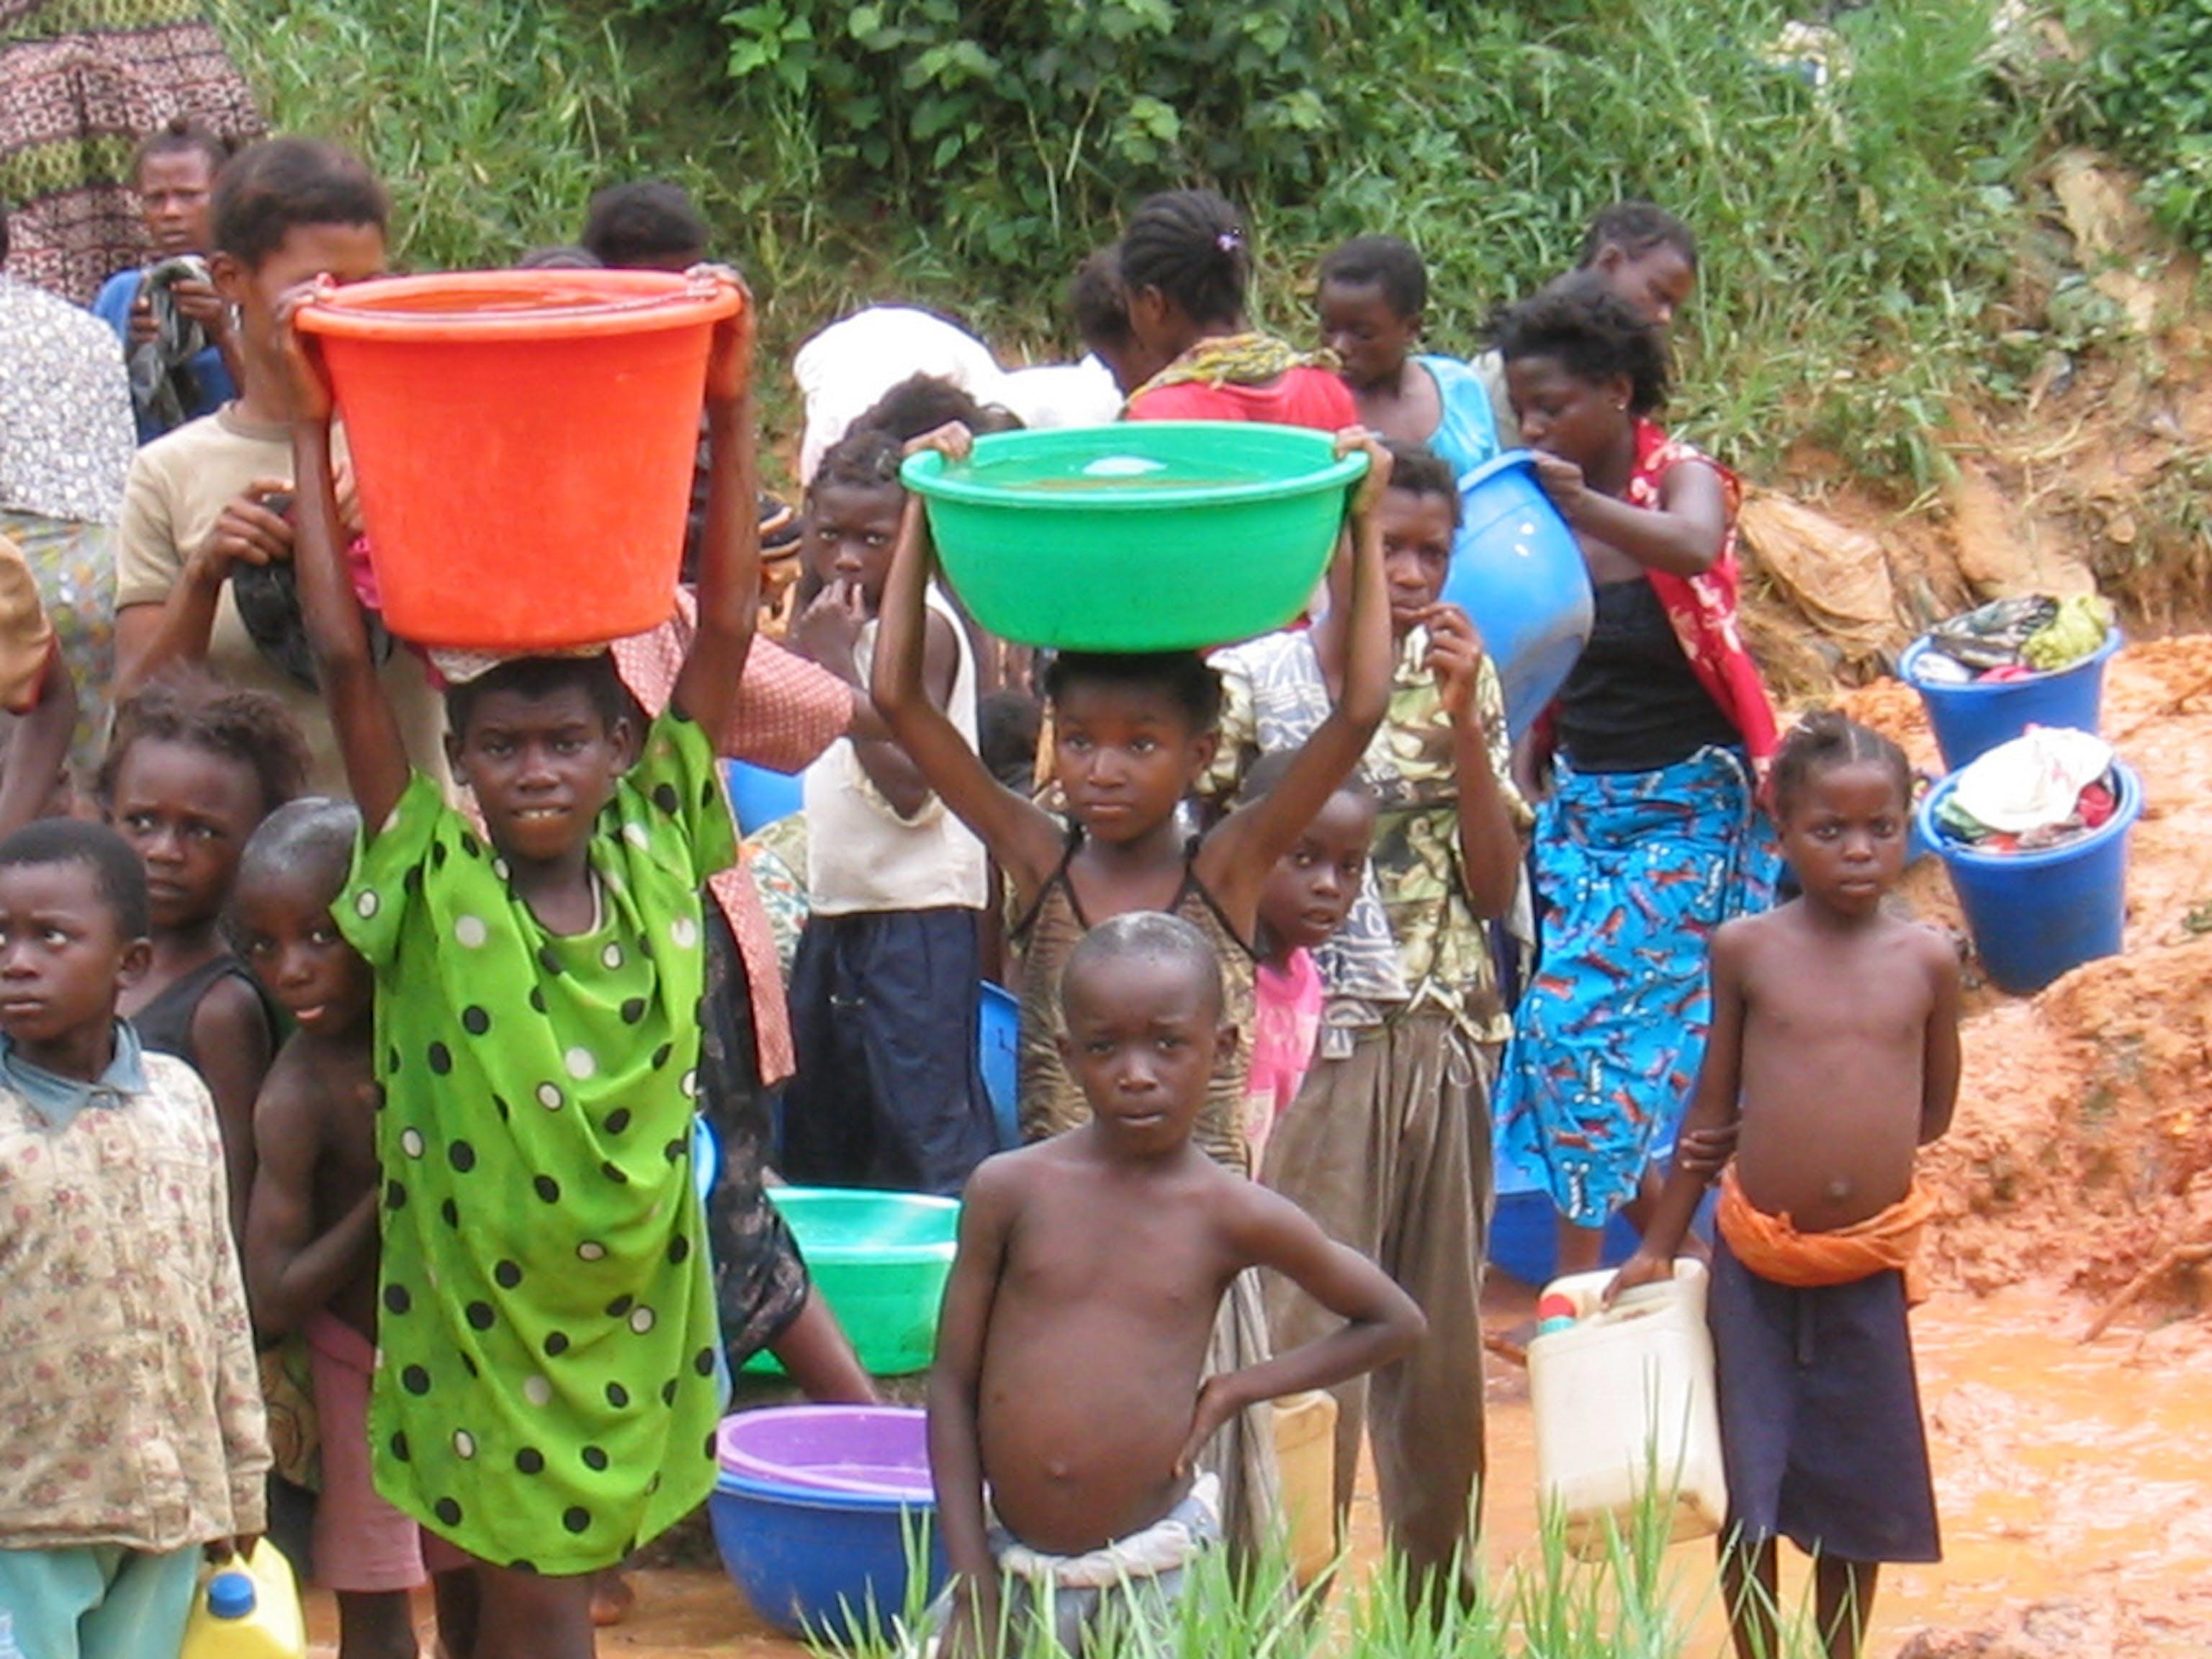 Nei paesi più poveri,  è su bambine e donne che grava il compito della raccolta dell'acqua - ©Manfred Matz